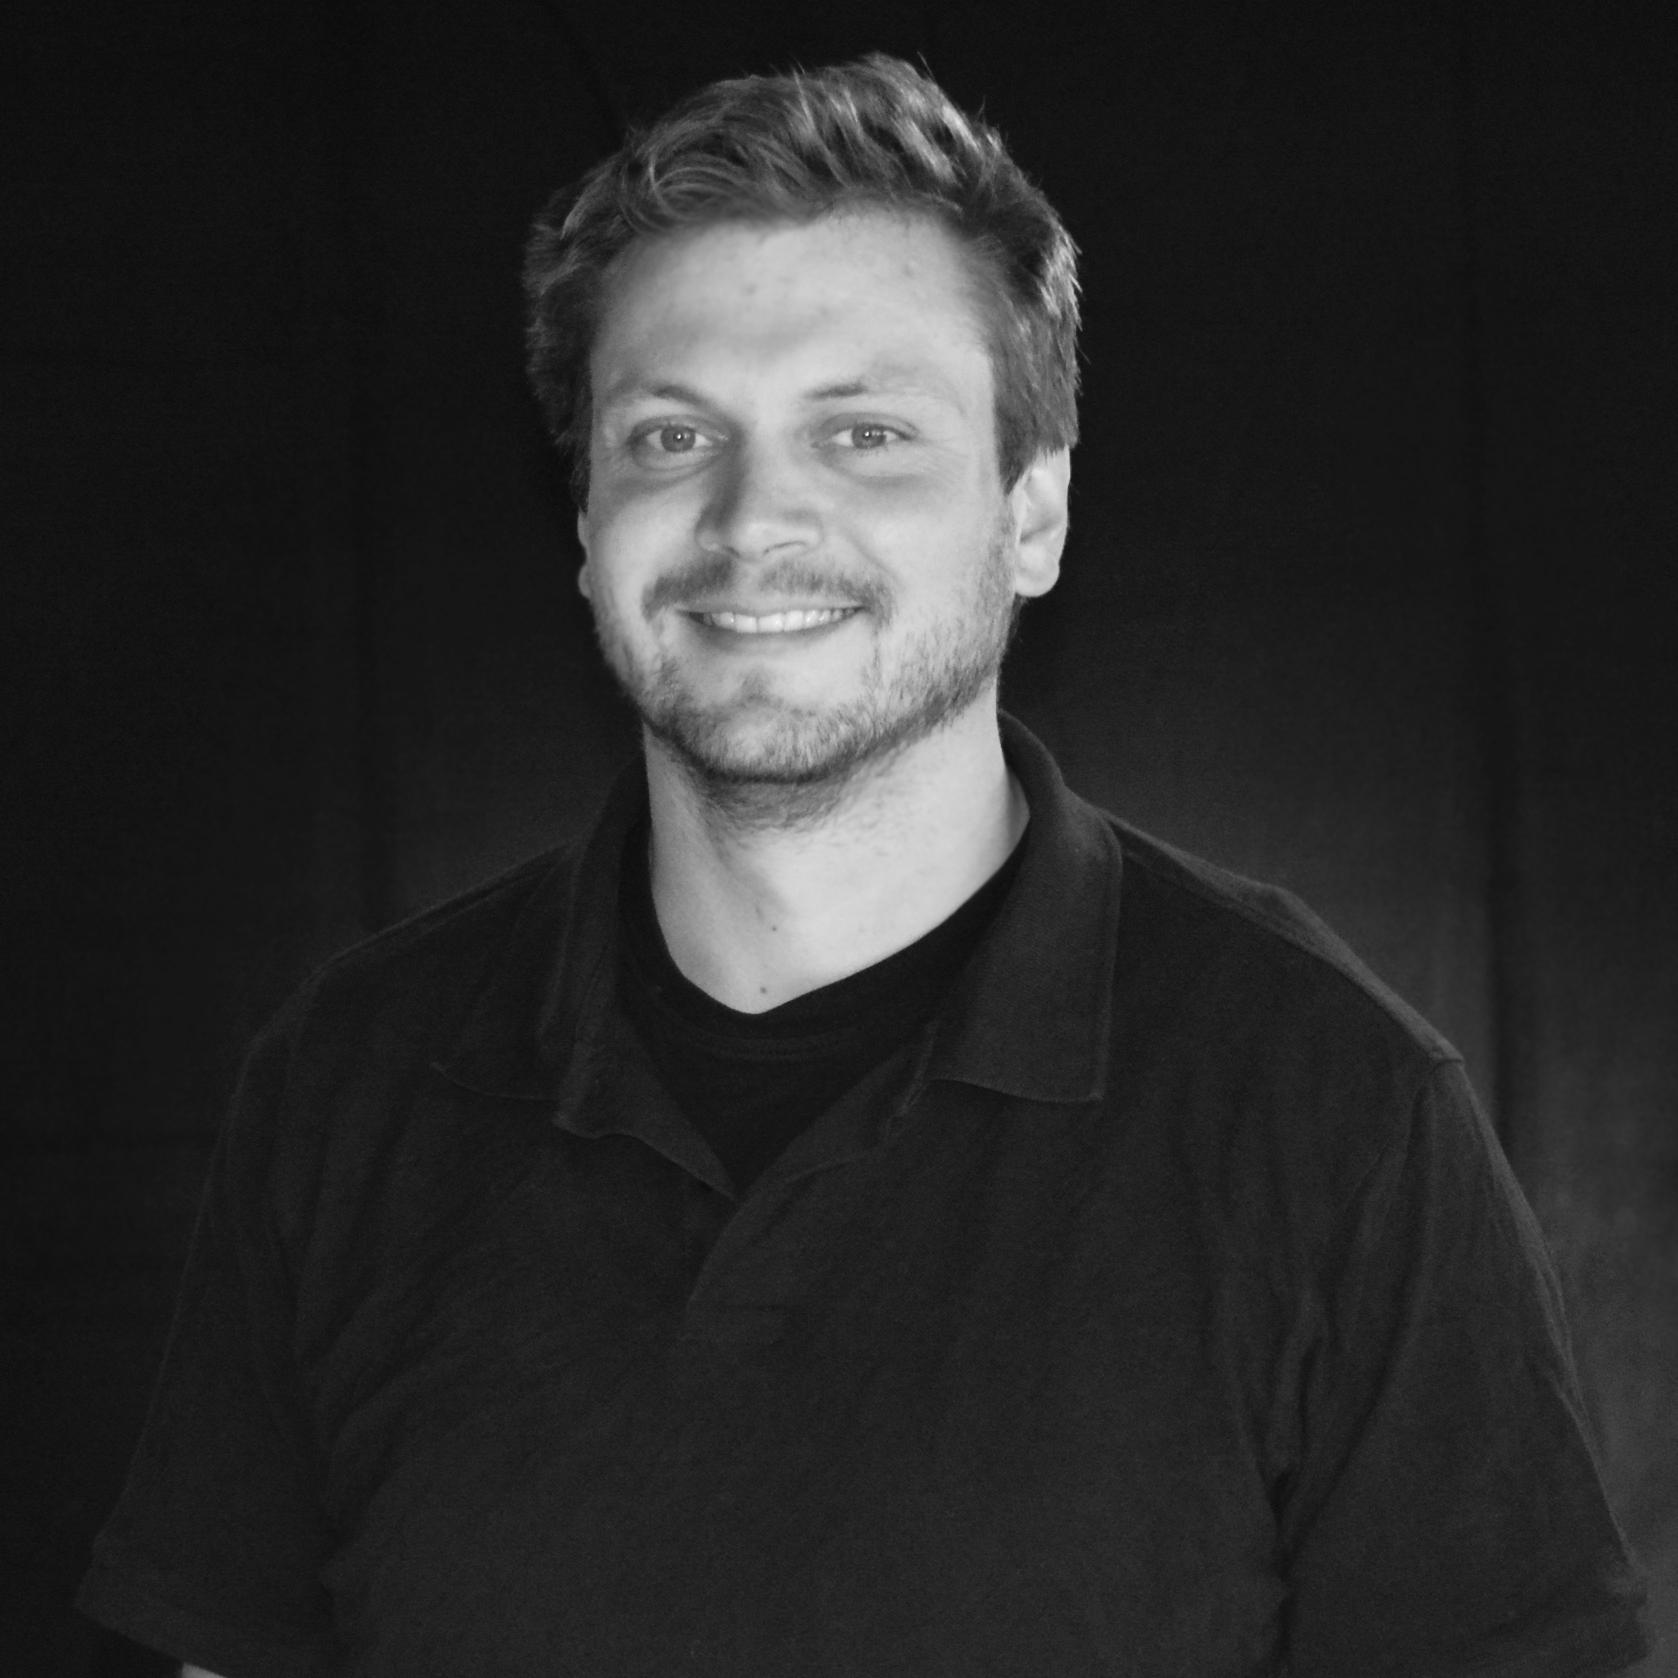 Portrait Christian Dauer